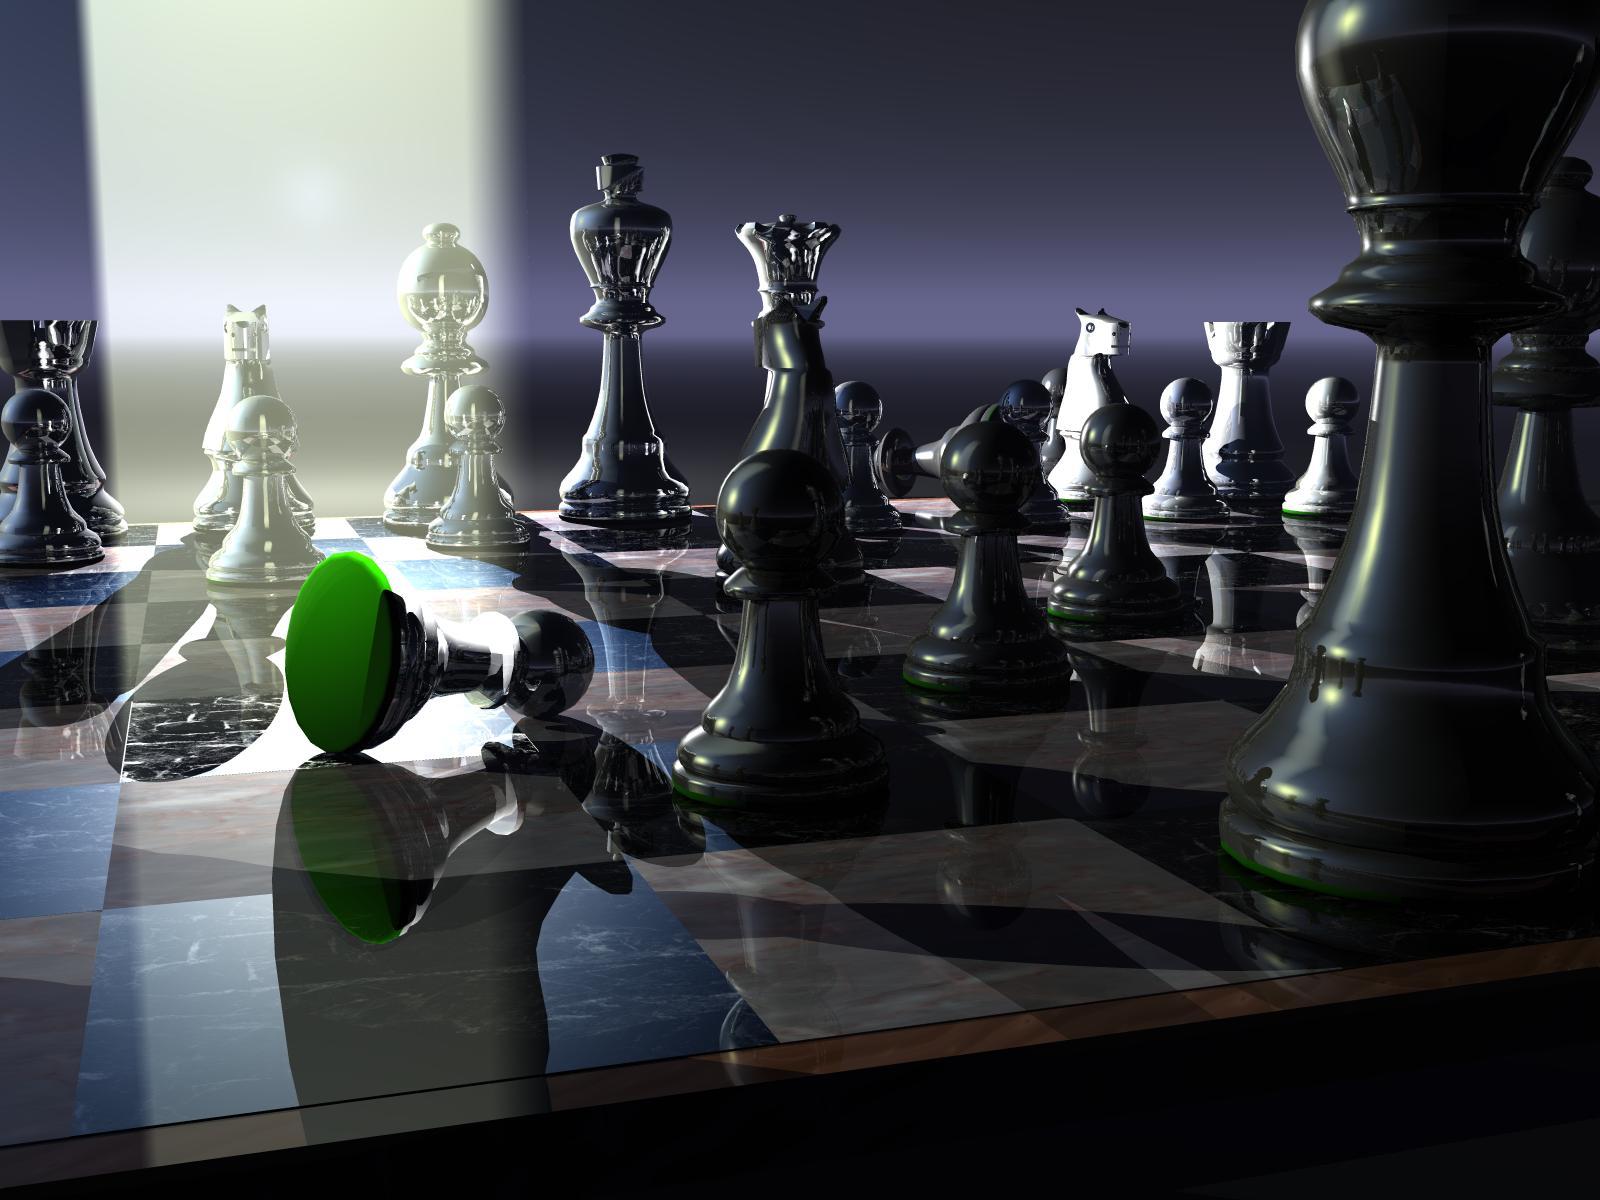 http://3.bp.blogspot.com/-fyDp1D2qz1w/T9ZLp30rIYI/AAAAAAAAAao/7oYYZPIuwiM/s1600/Chess.jpg